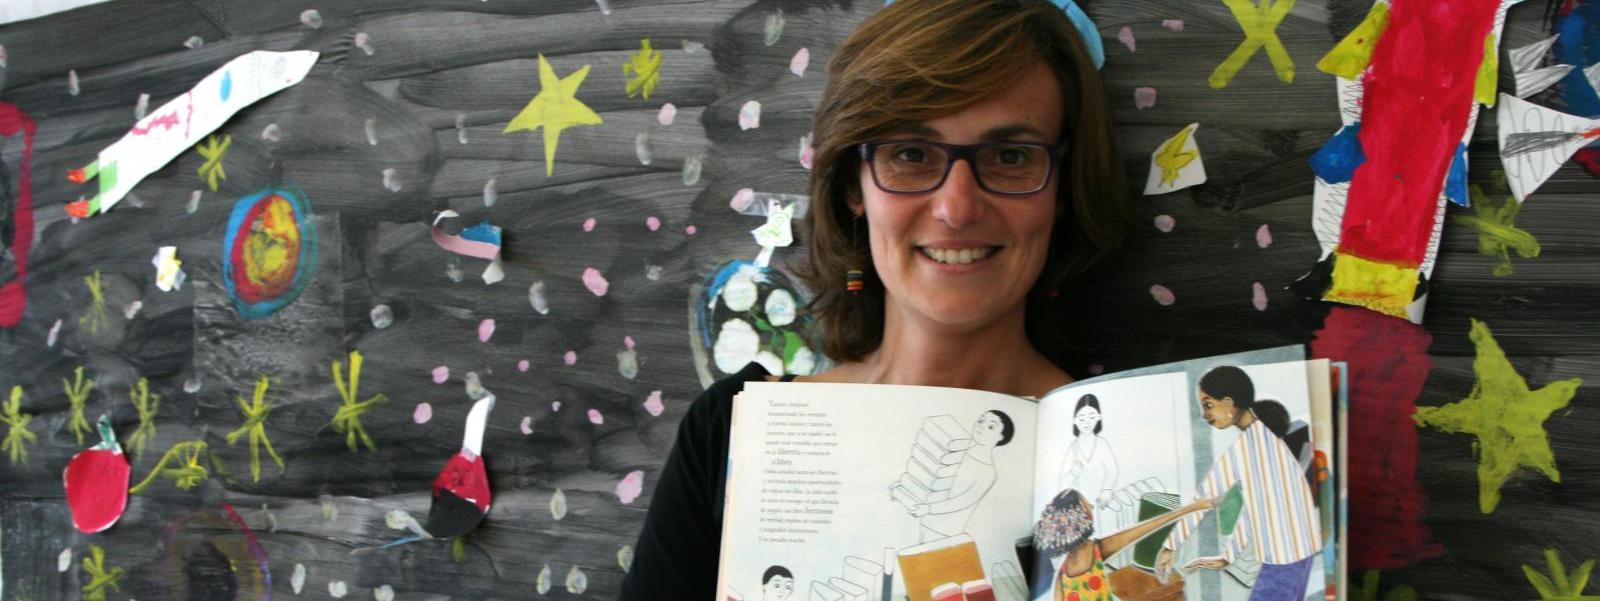 Ester Sánchez, editora de Pintar-Pintar, Invitada de honor en el XXXVI Premio de Poesía Antonio Machado 2017